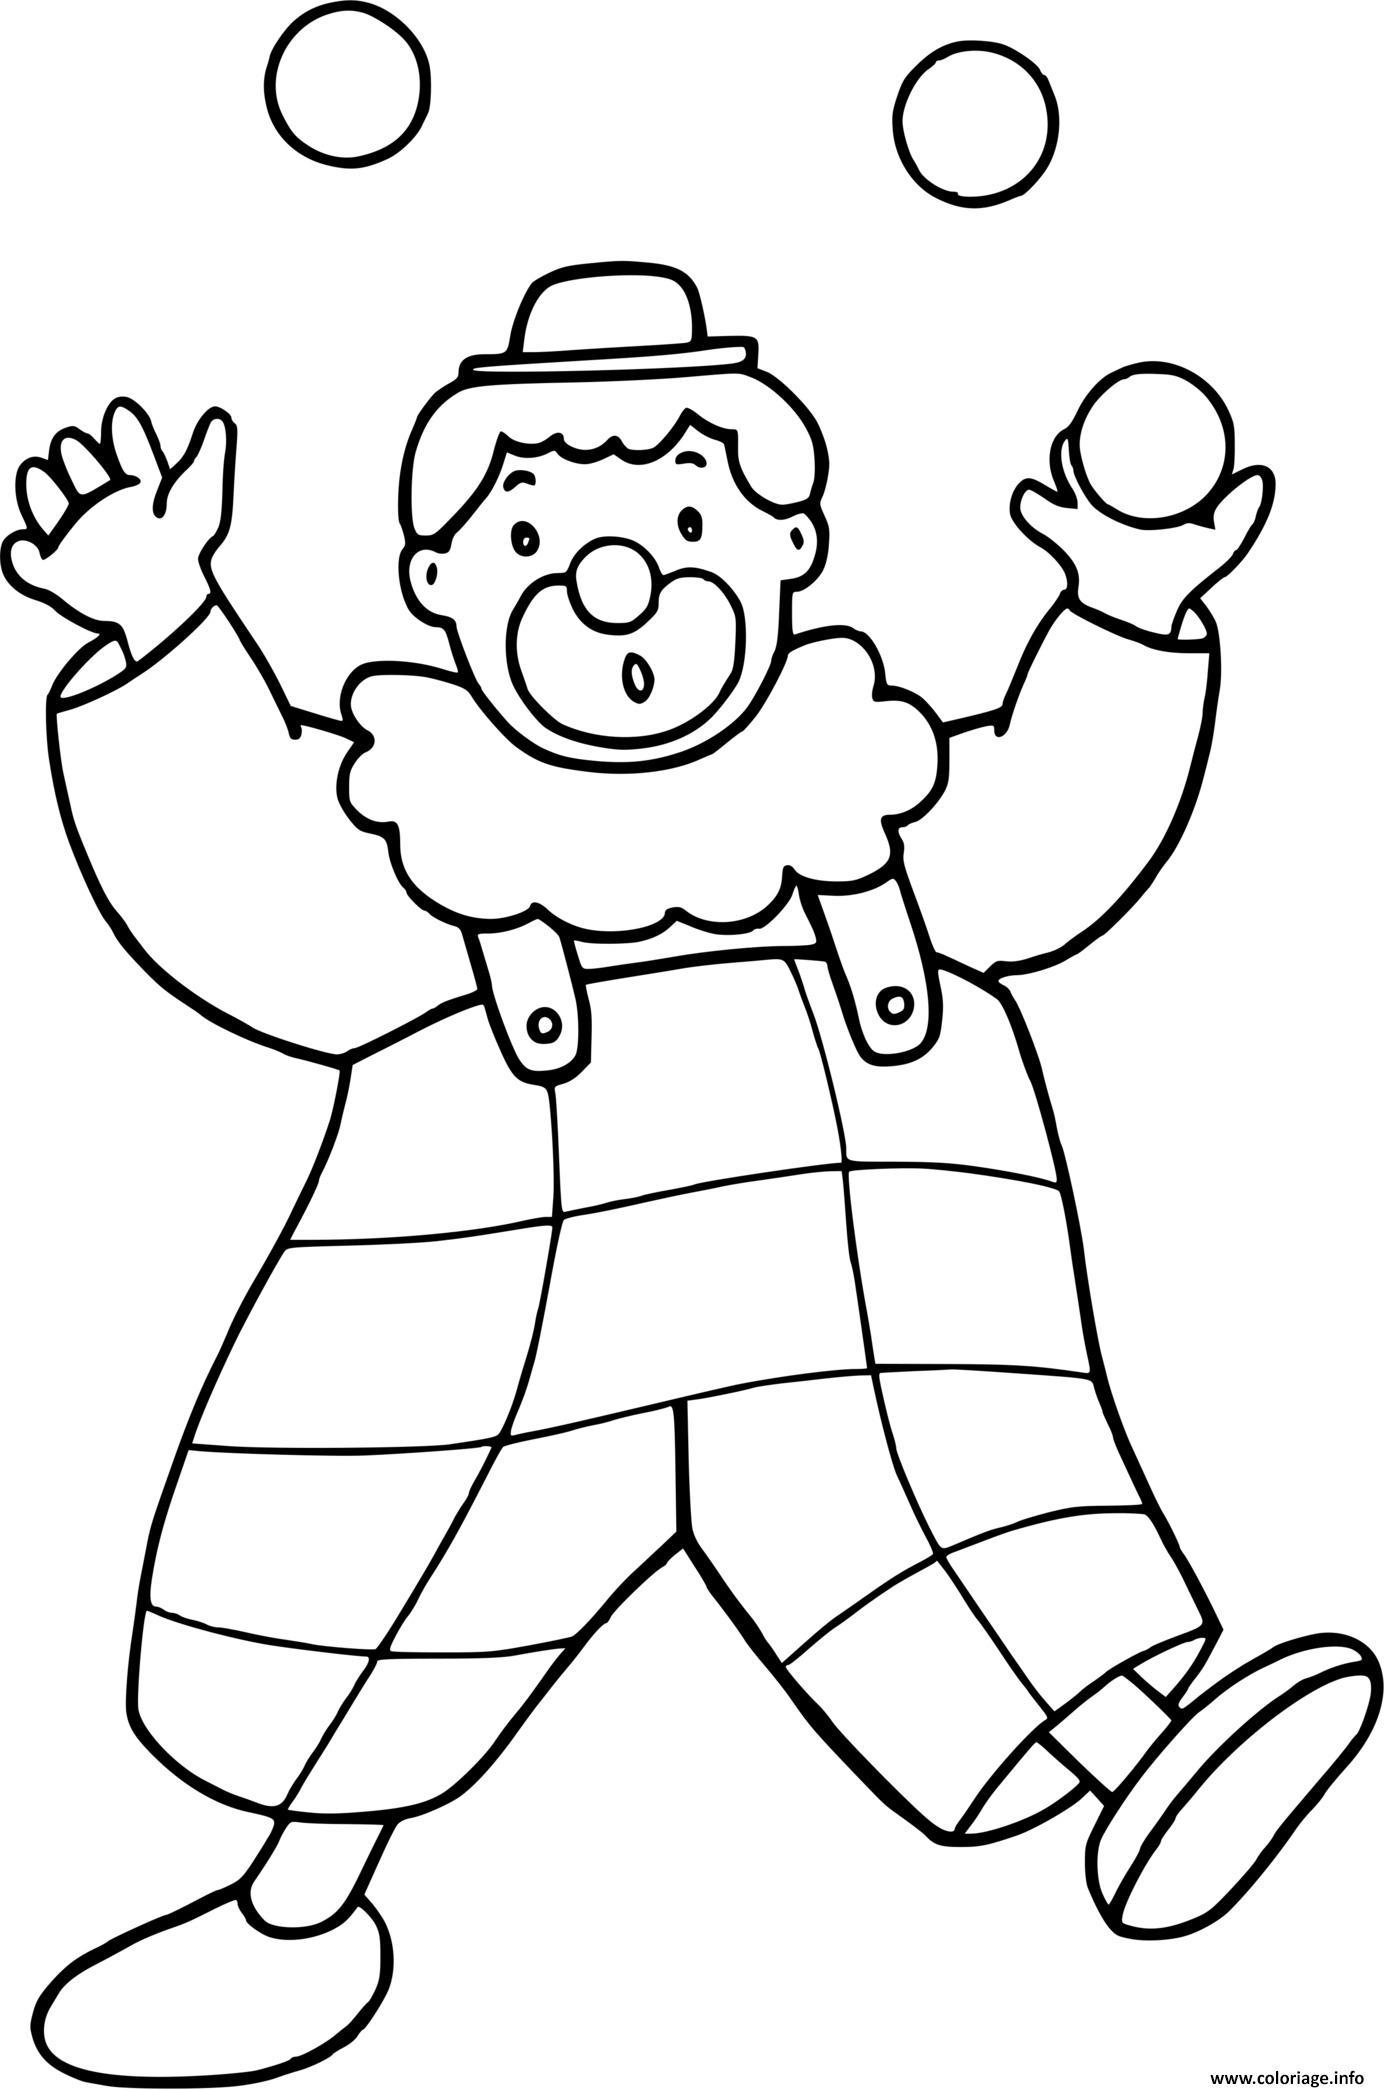 Dessin clown qui jongle avec des balles Coloriage Gratuit à Imprimer